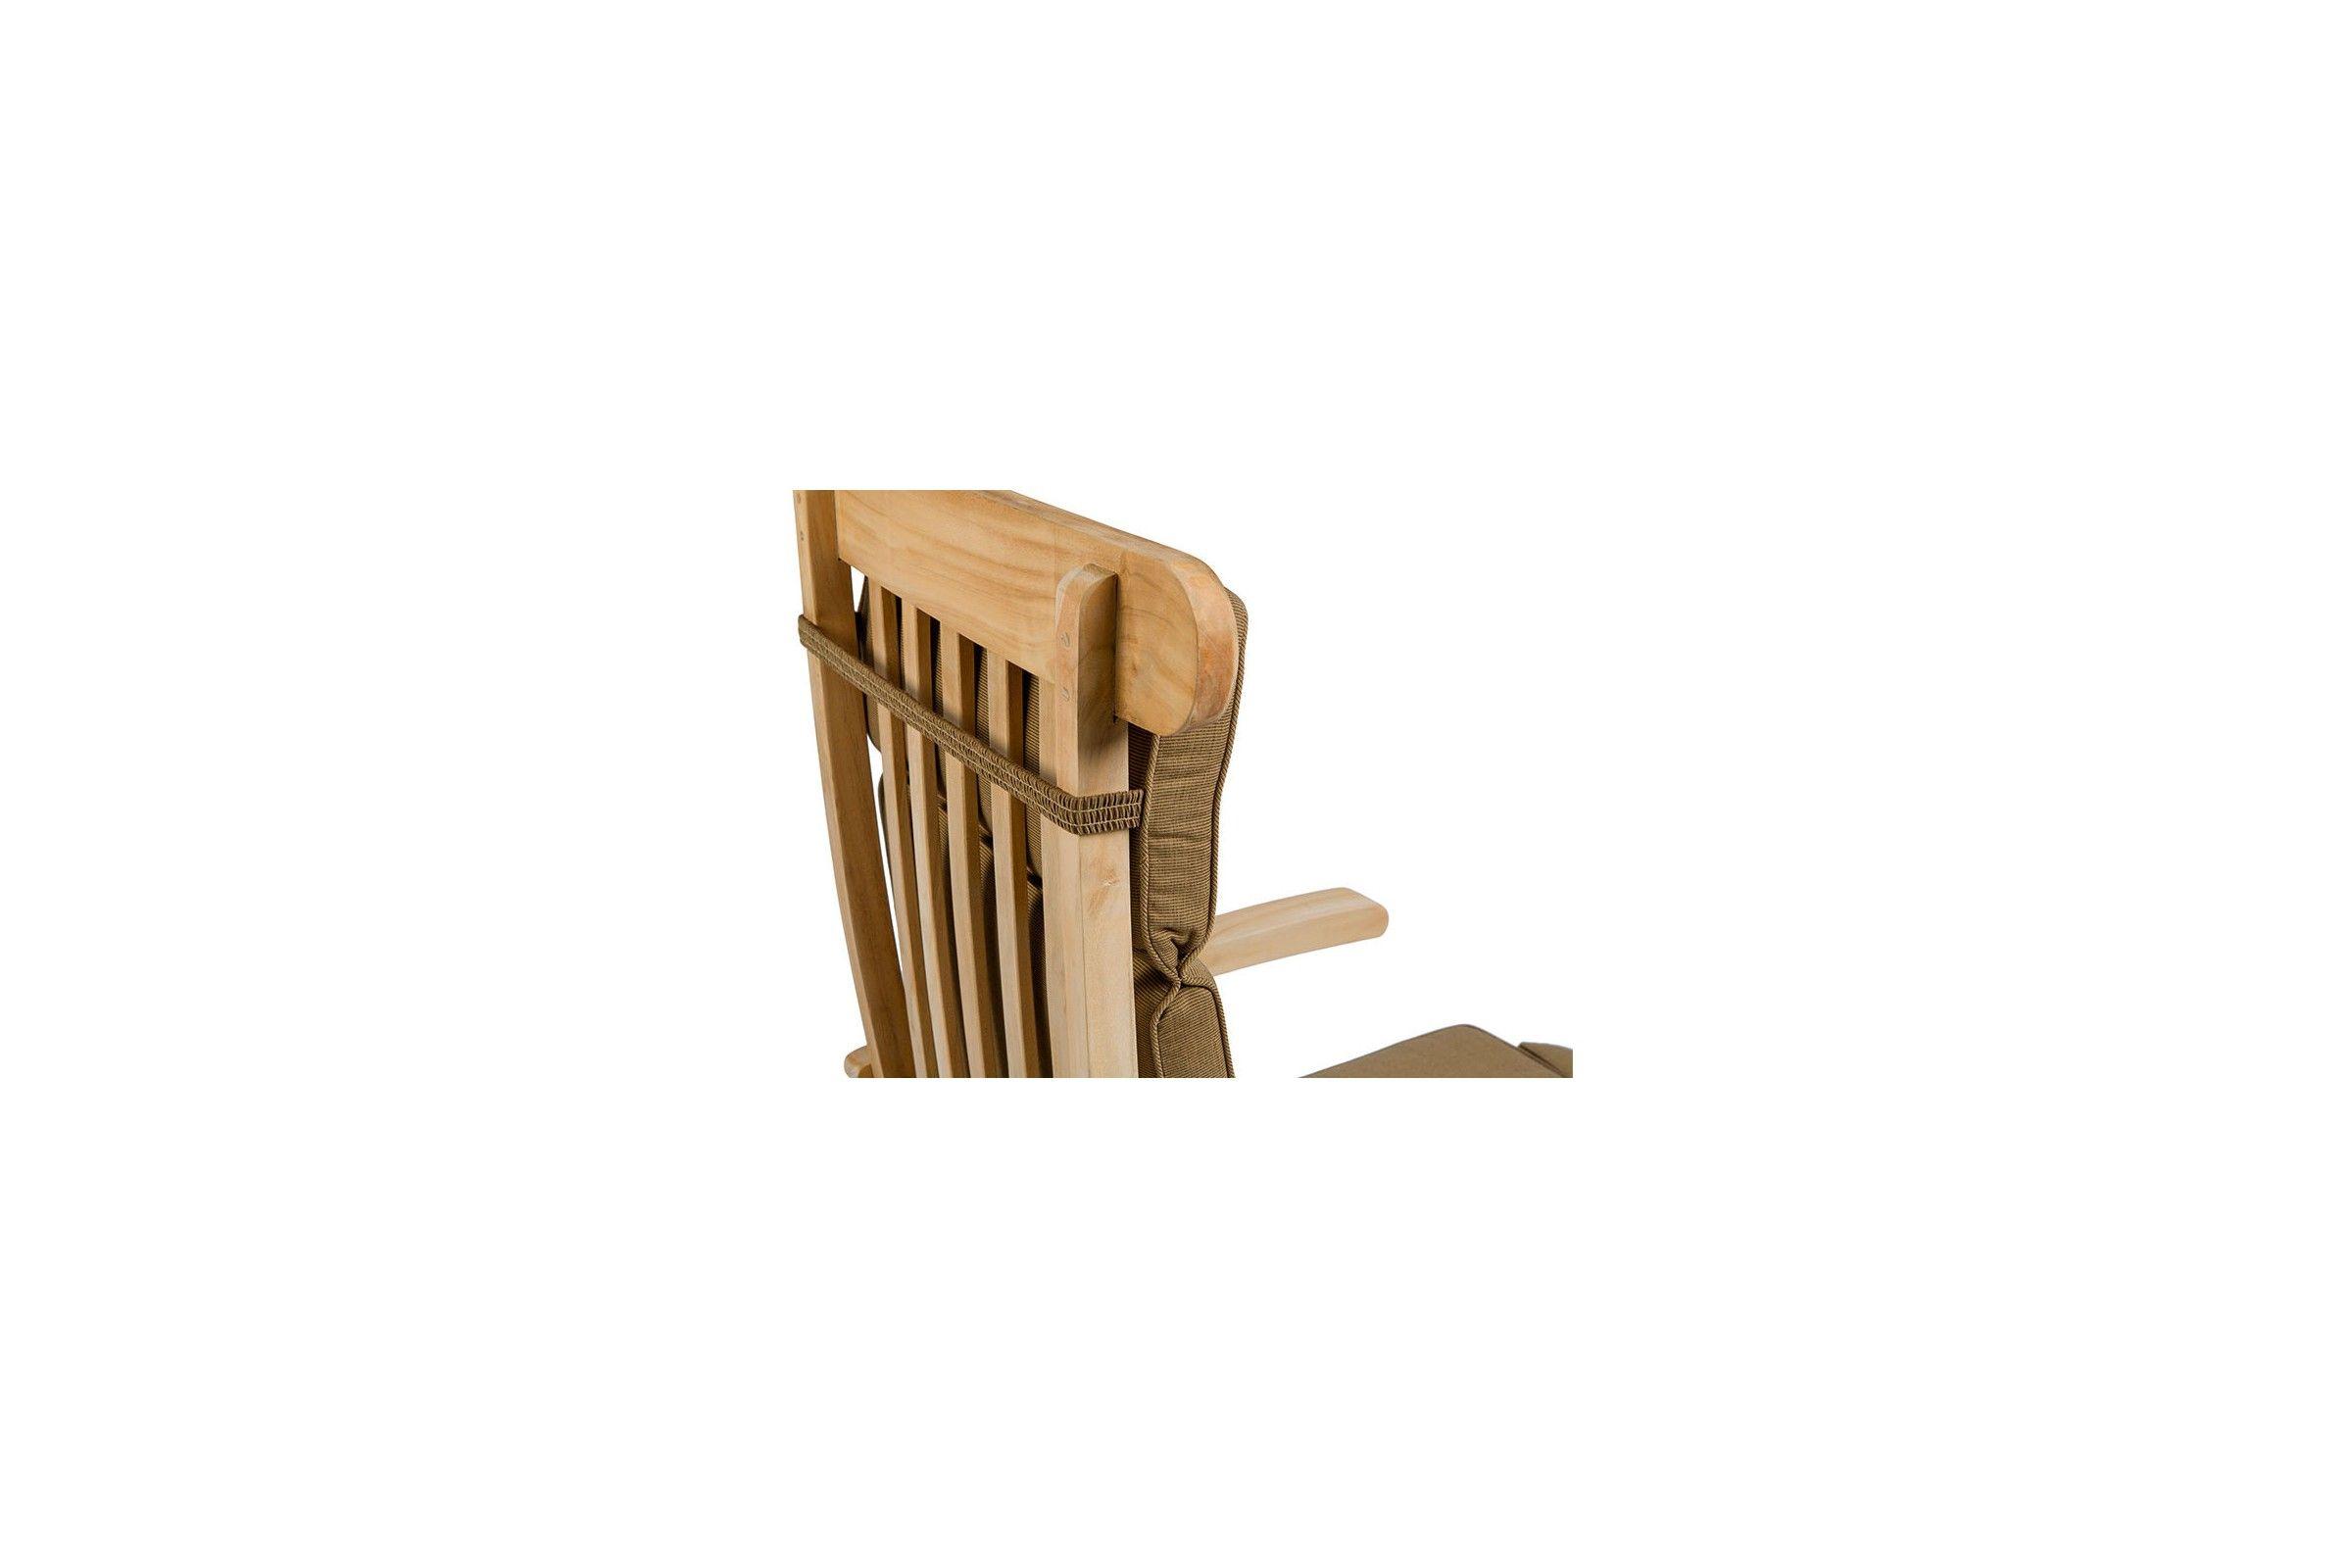 Chaise longue pliante en teck massif steamer la galerie for Chaise longue exterieur pliante